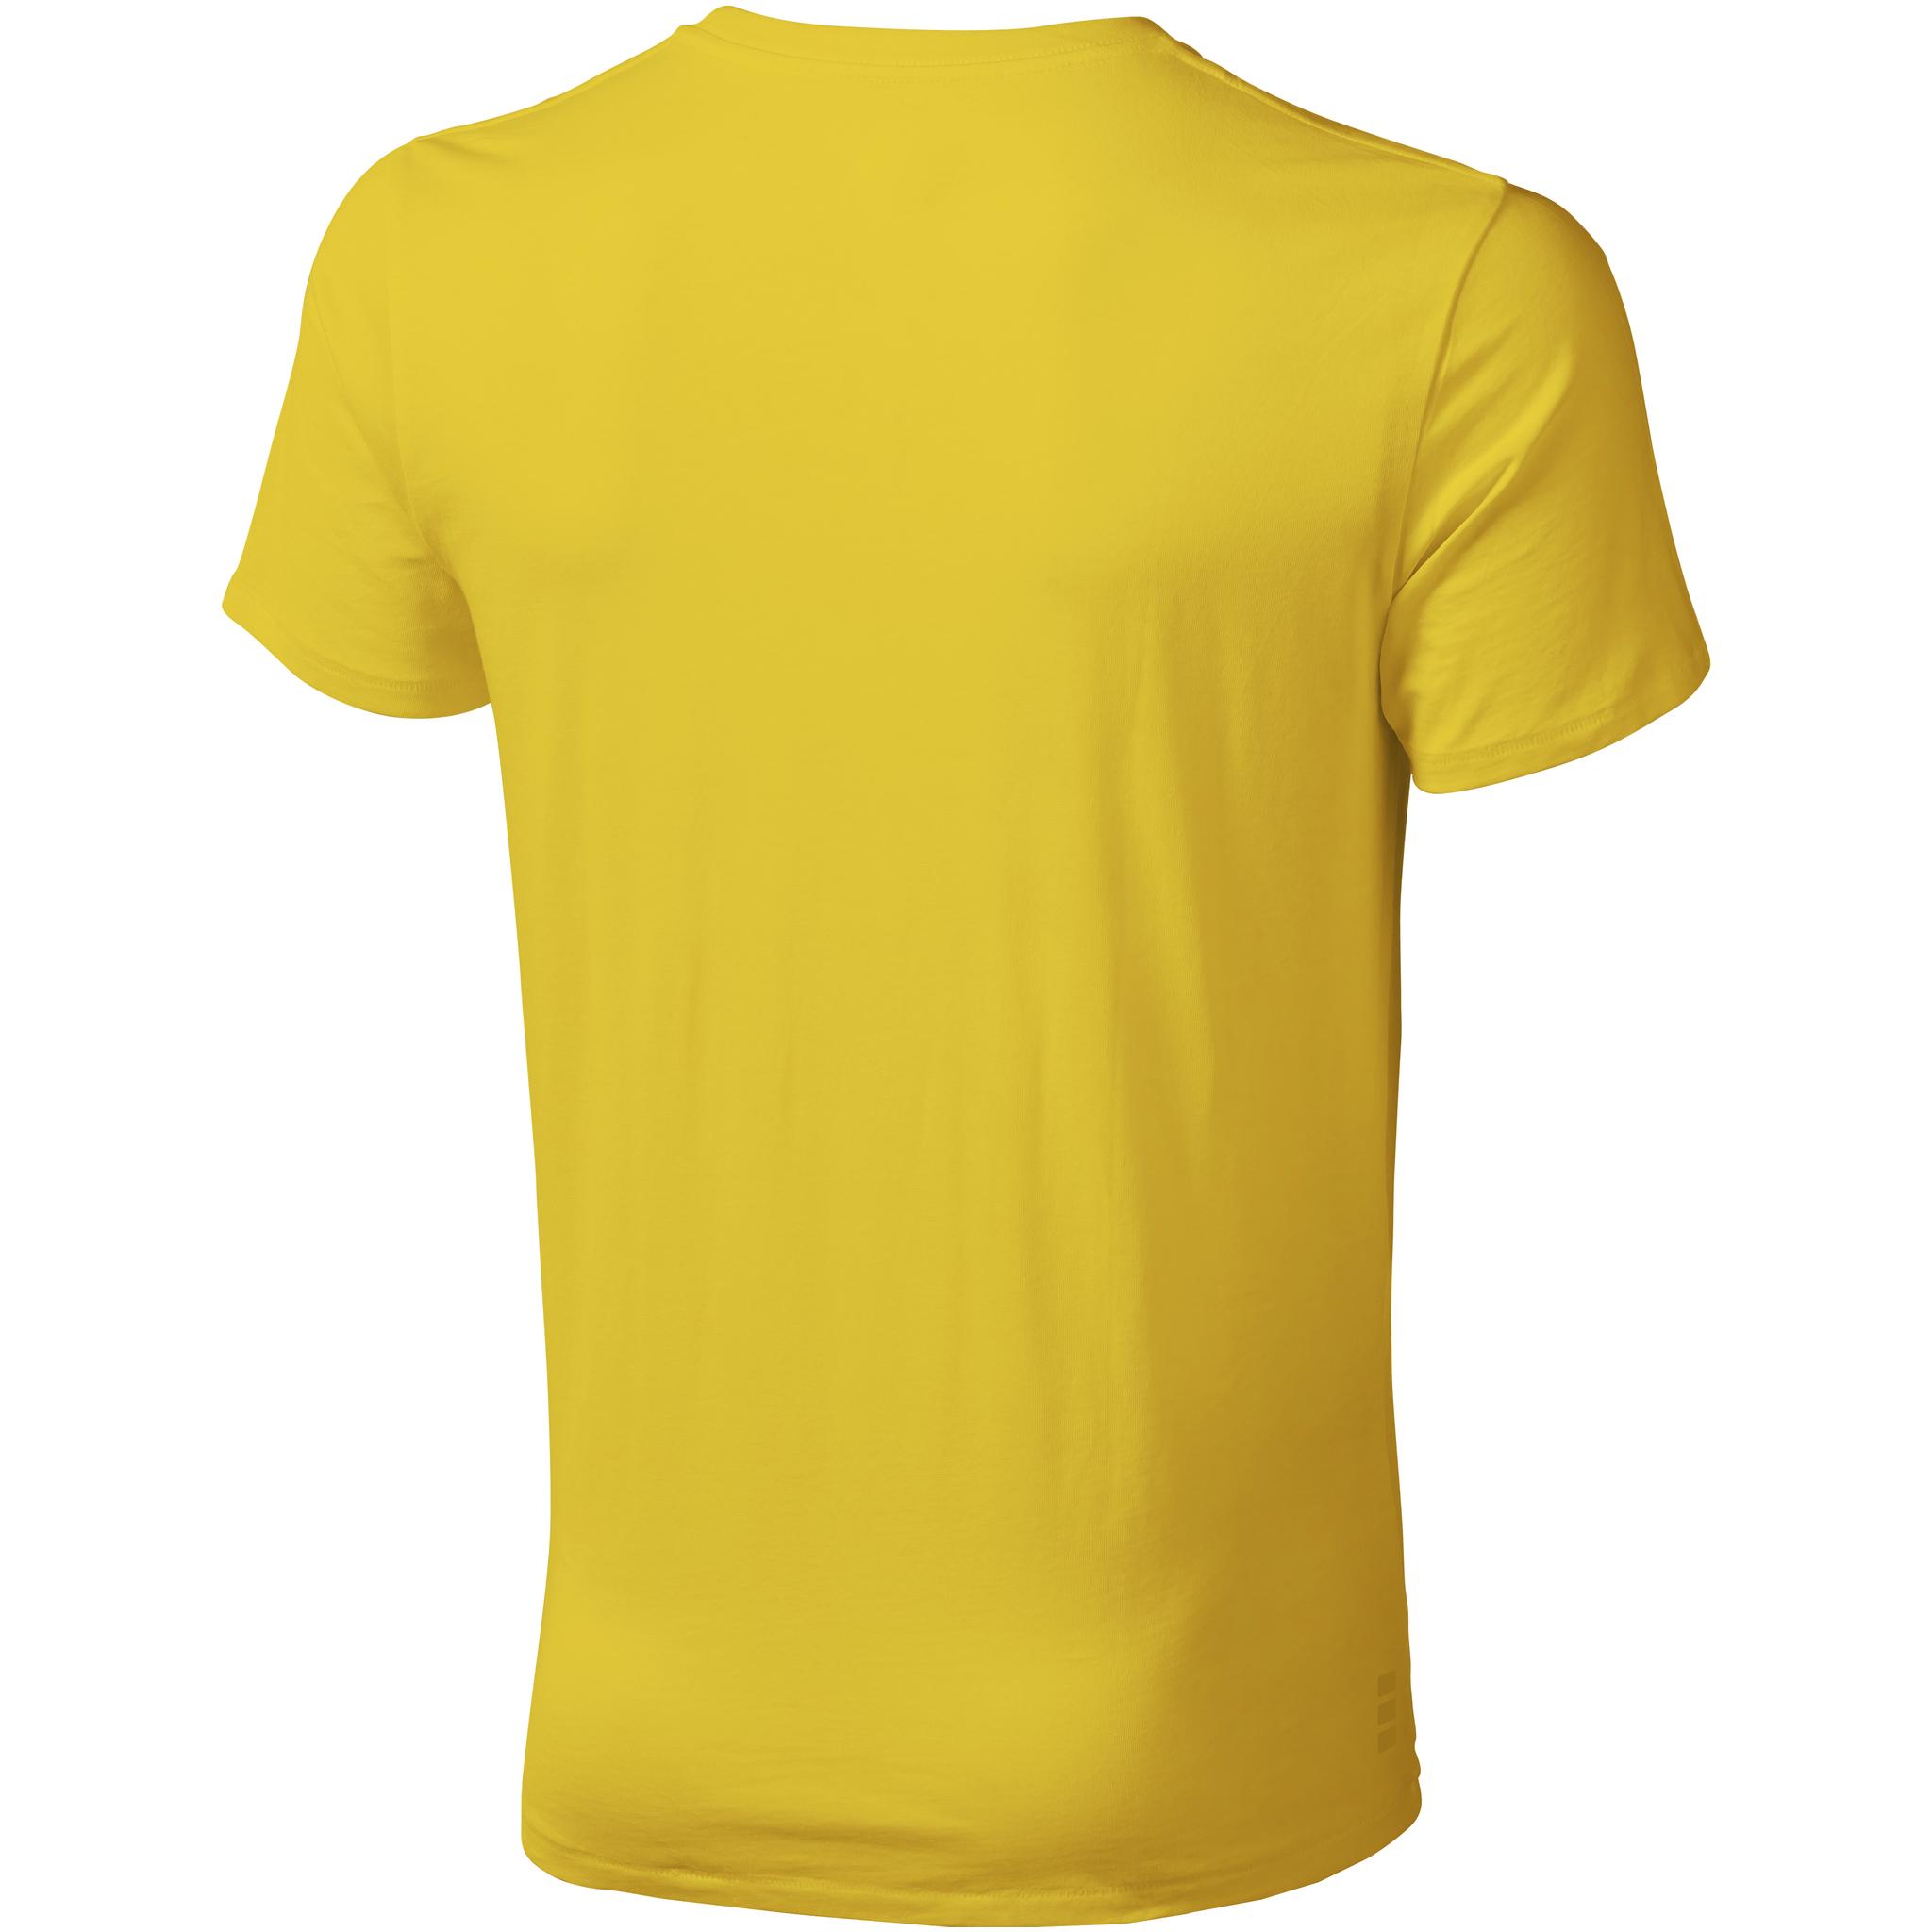 Elevate-Mens-Nanaimo-Short-Sleeve-T-Shirt-PF1807 thumbnail 61